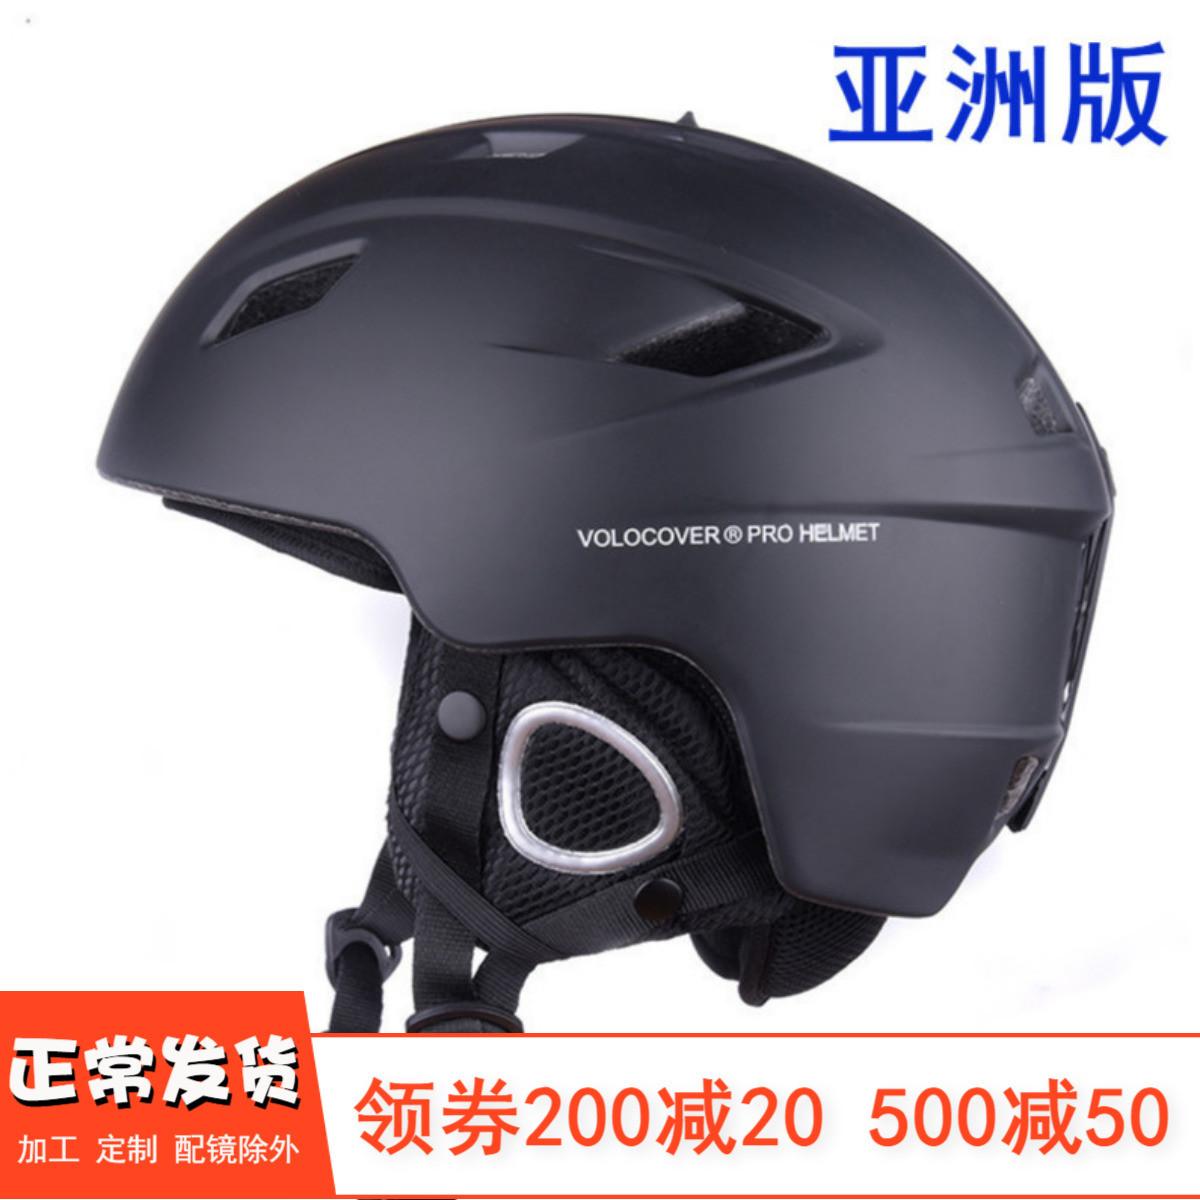 VOLOCOVER 专业滑雪头盔 一次成形带透气孔 运动保护安全男女哑光